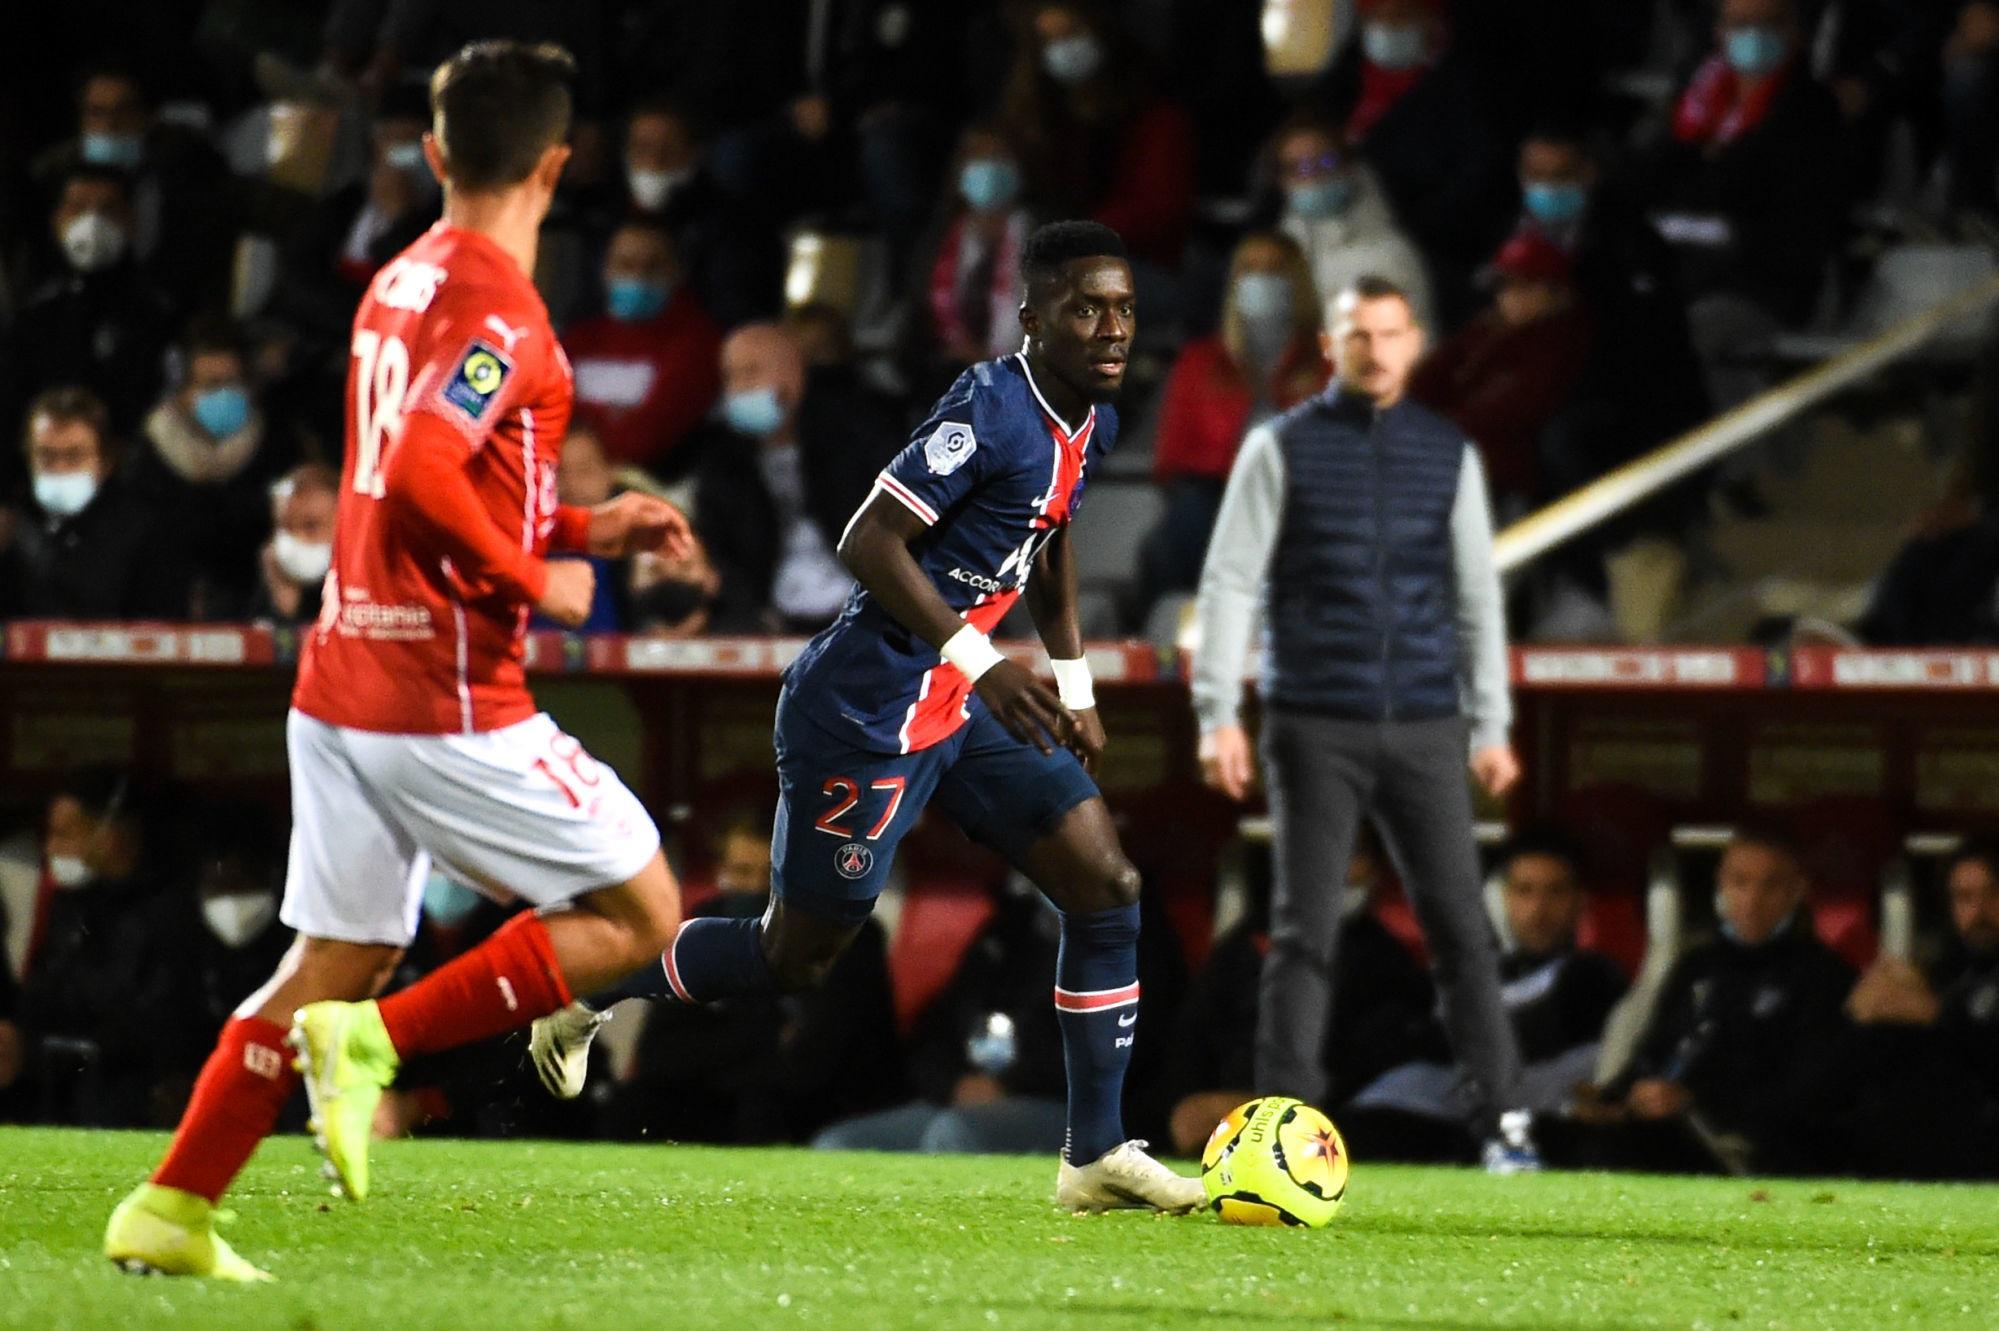 """Nîmes/PSG - Gueye souligne qu'il fallait """"marquer et gagner"""" et souhaite tirer plus souvent au but"""